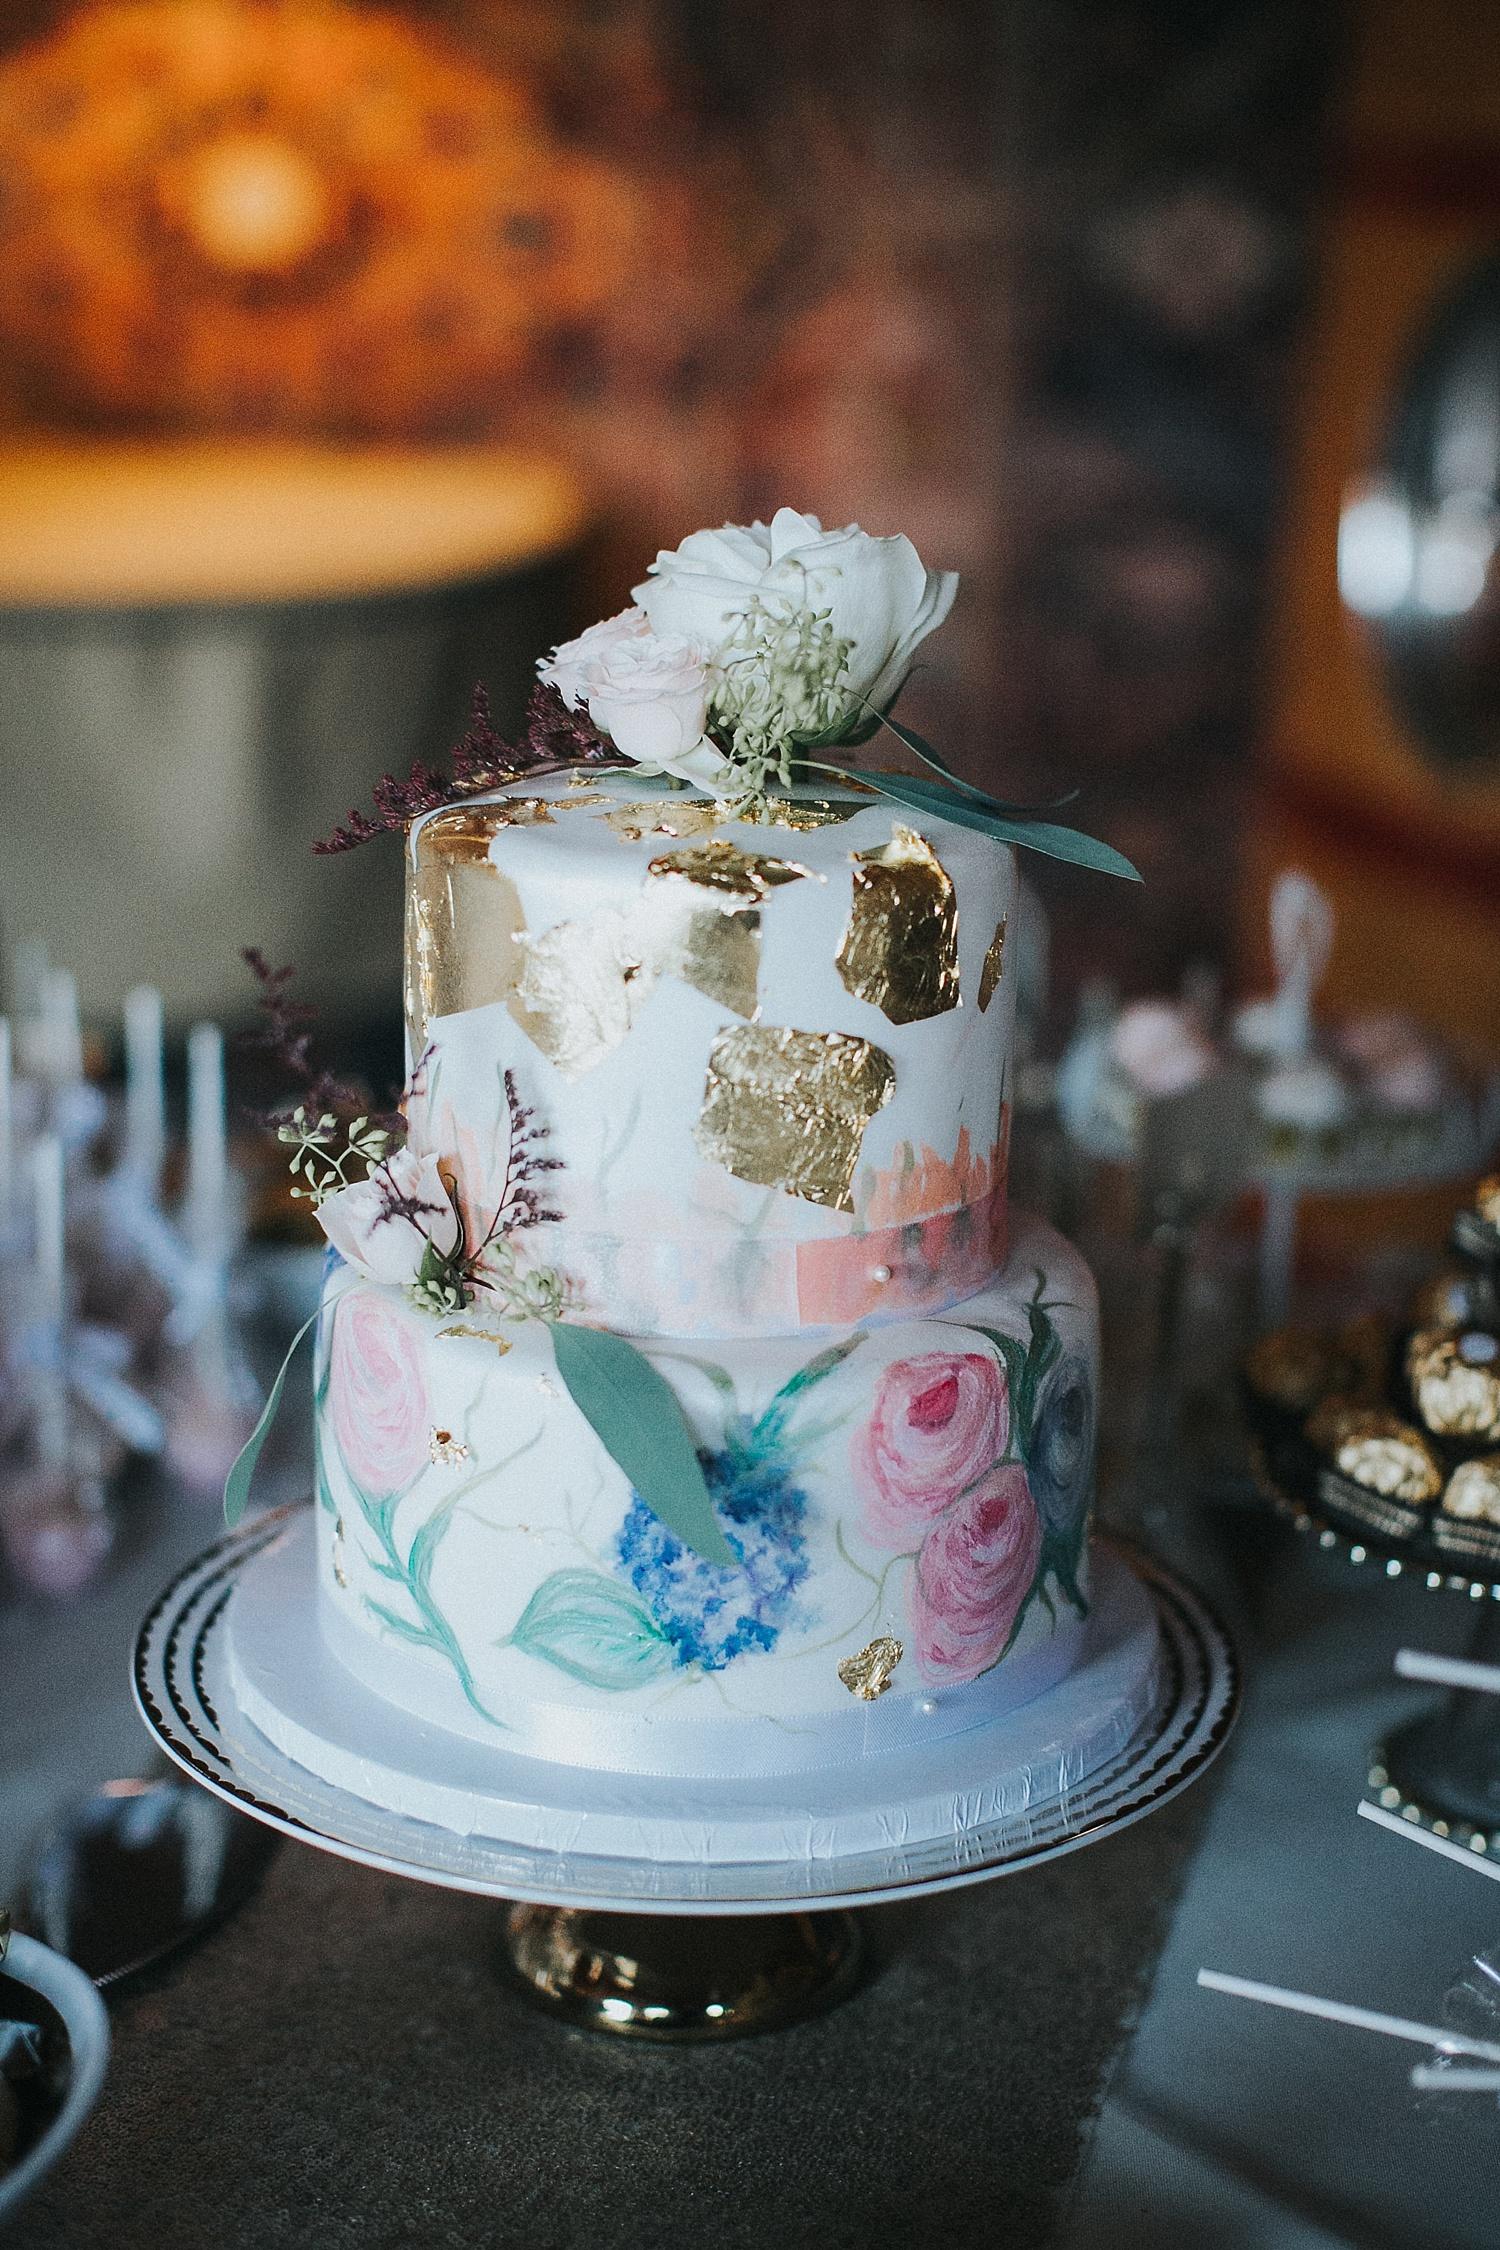 Alicia+lucia+photography+-+albuquerque+wedding+photographer+-+albuquerque+wedding+photography+-+new+mexico+wedding+photographer+-+new+mexico+wedding+cake_0029.jpg